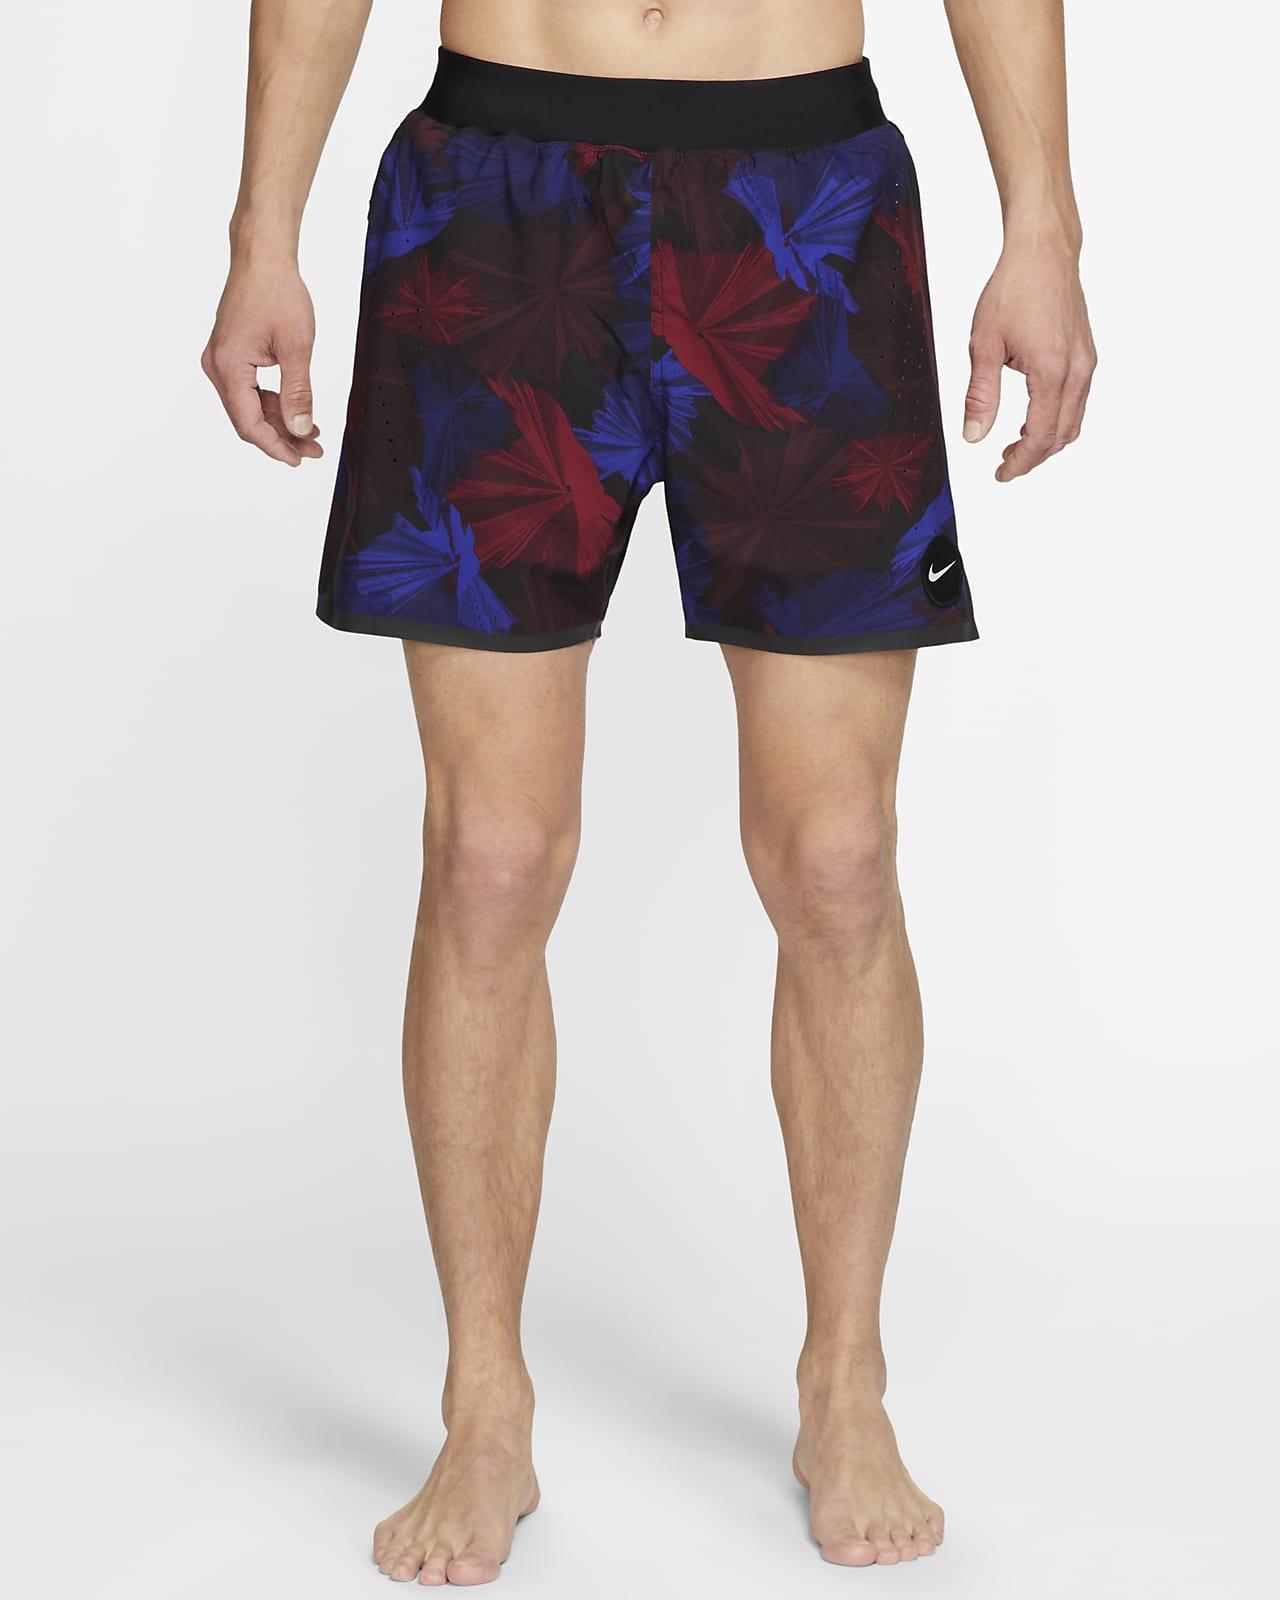 Nike Global Camo Blade Pantalons curts de 13 cm de voleibol - Home